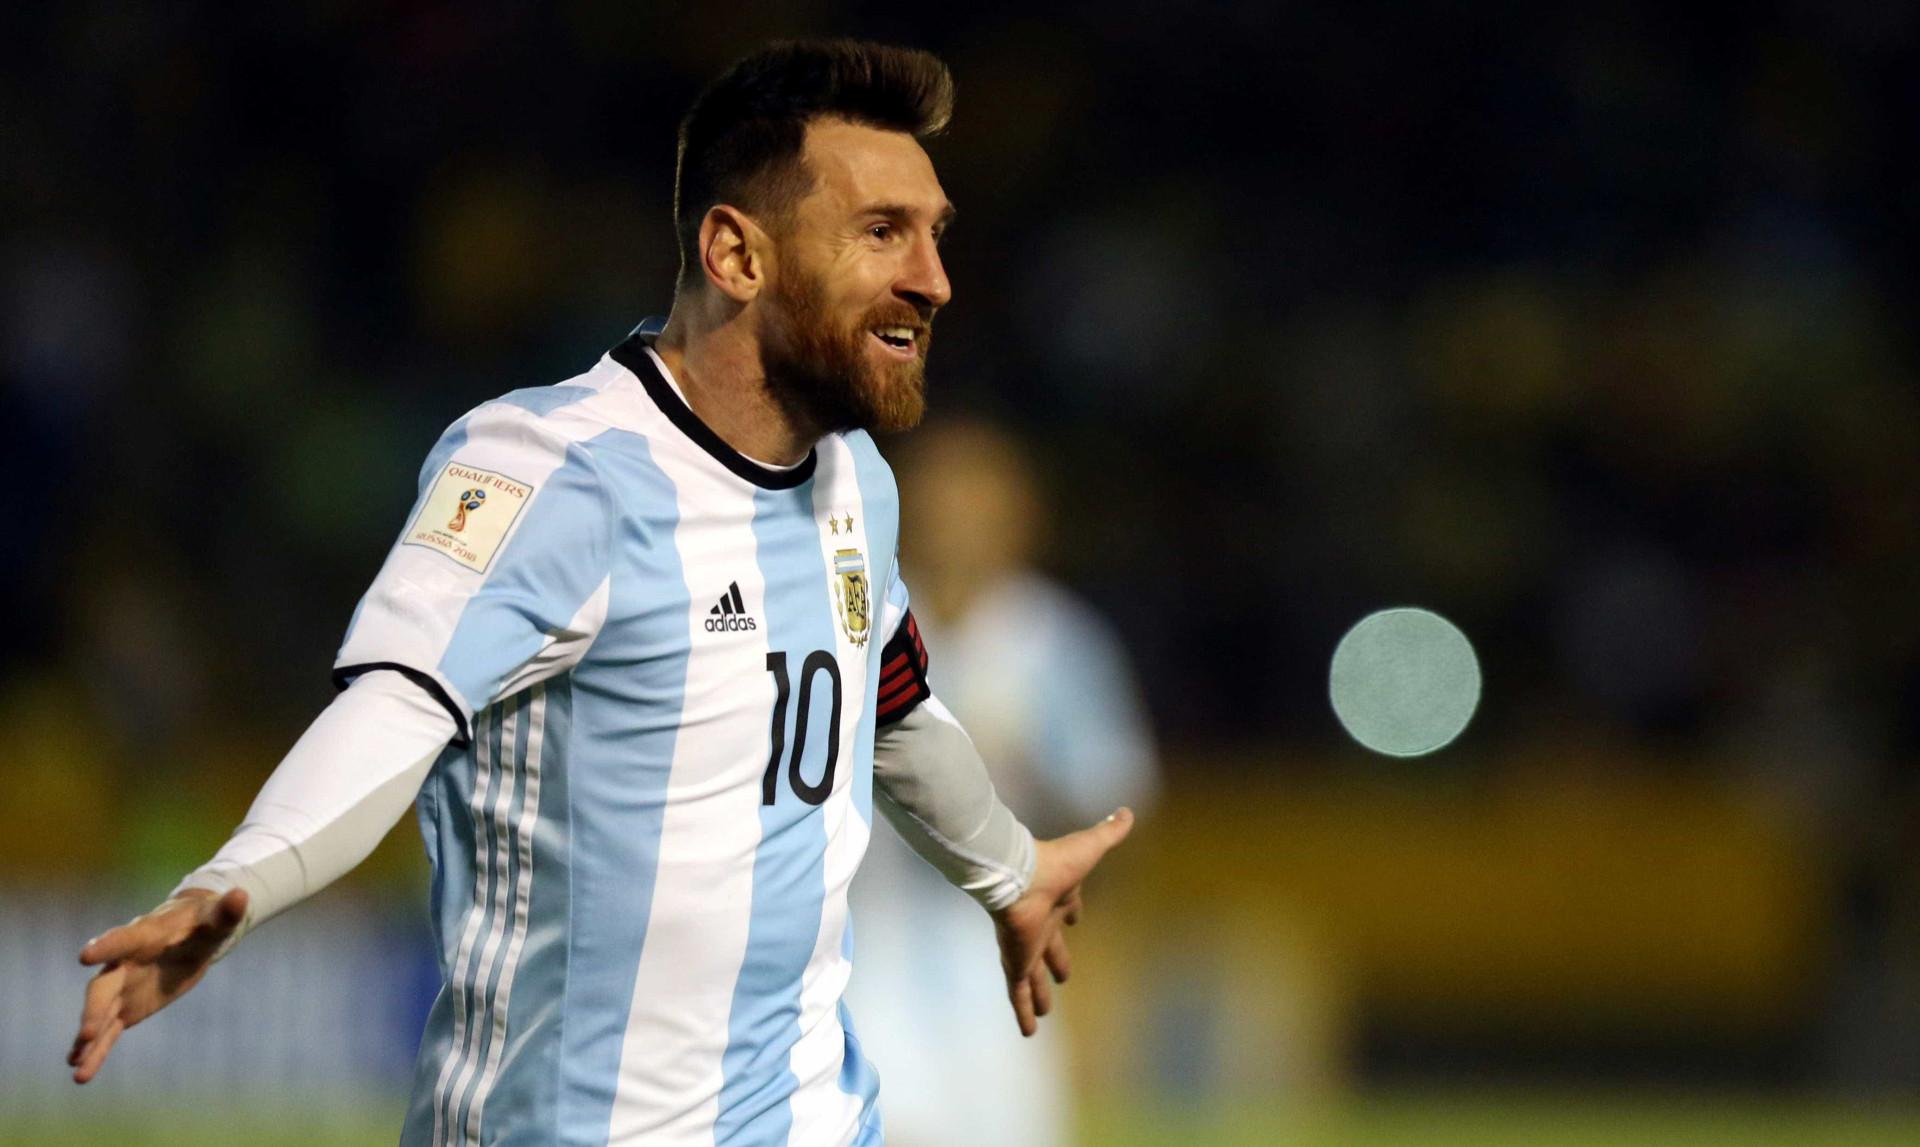 Mundial'2018: O incrível hat-trick de Messi que qualificou a Argentina